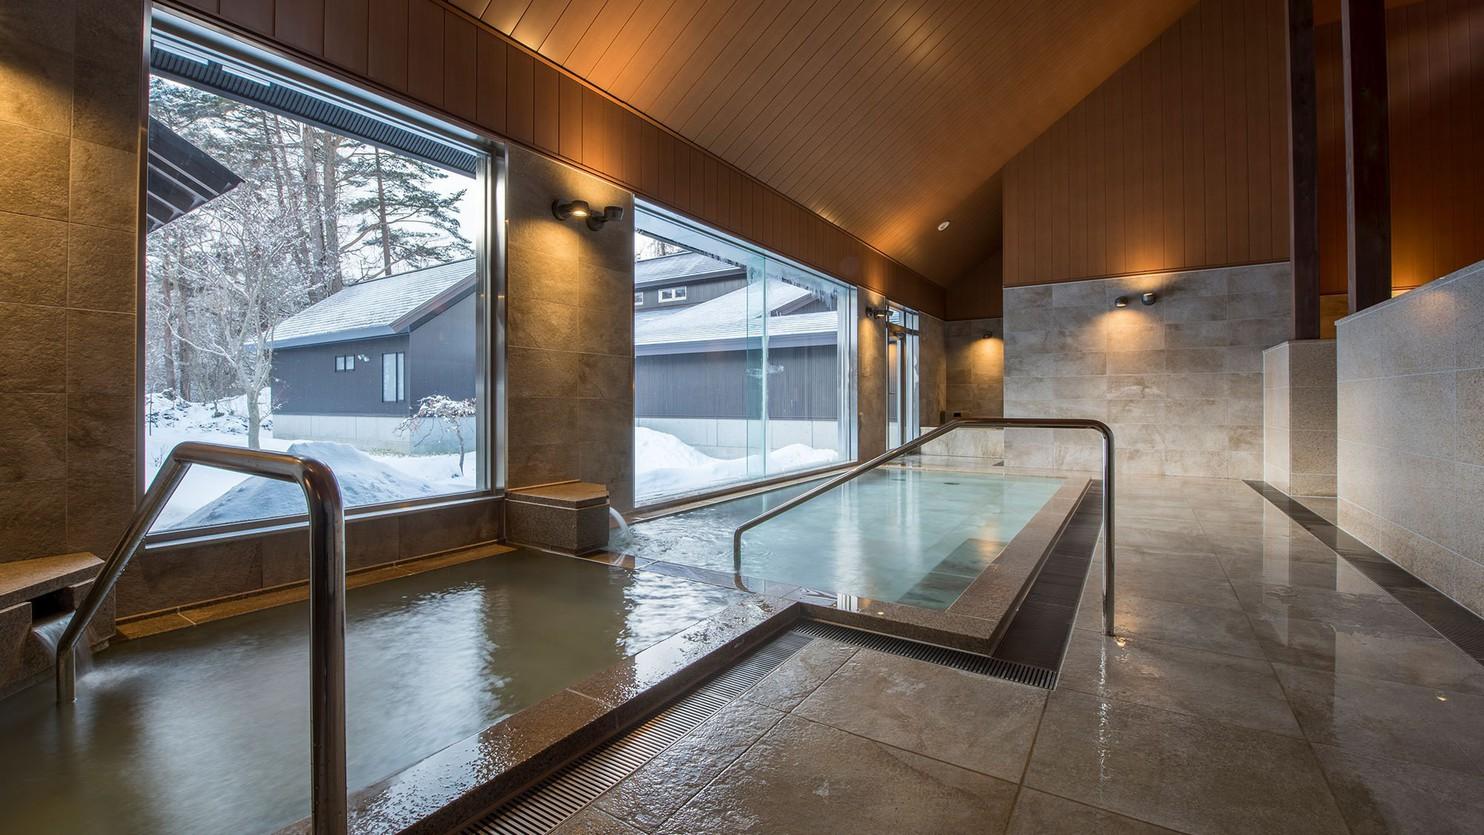 【虹の森温泉】大浴場 内湯は、モダンな雰囲気漂う、お洒落な空間となっています。